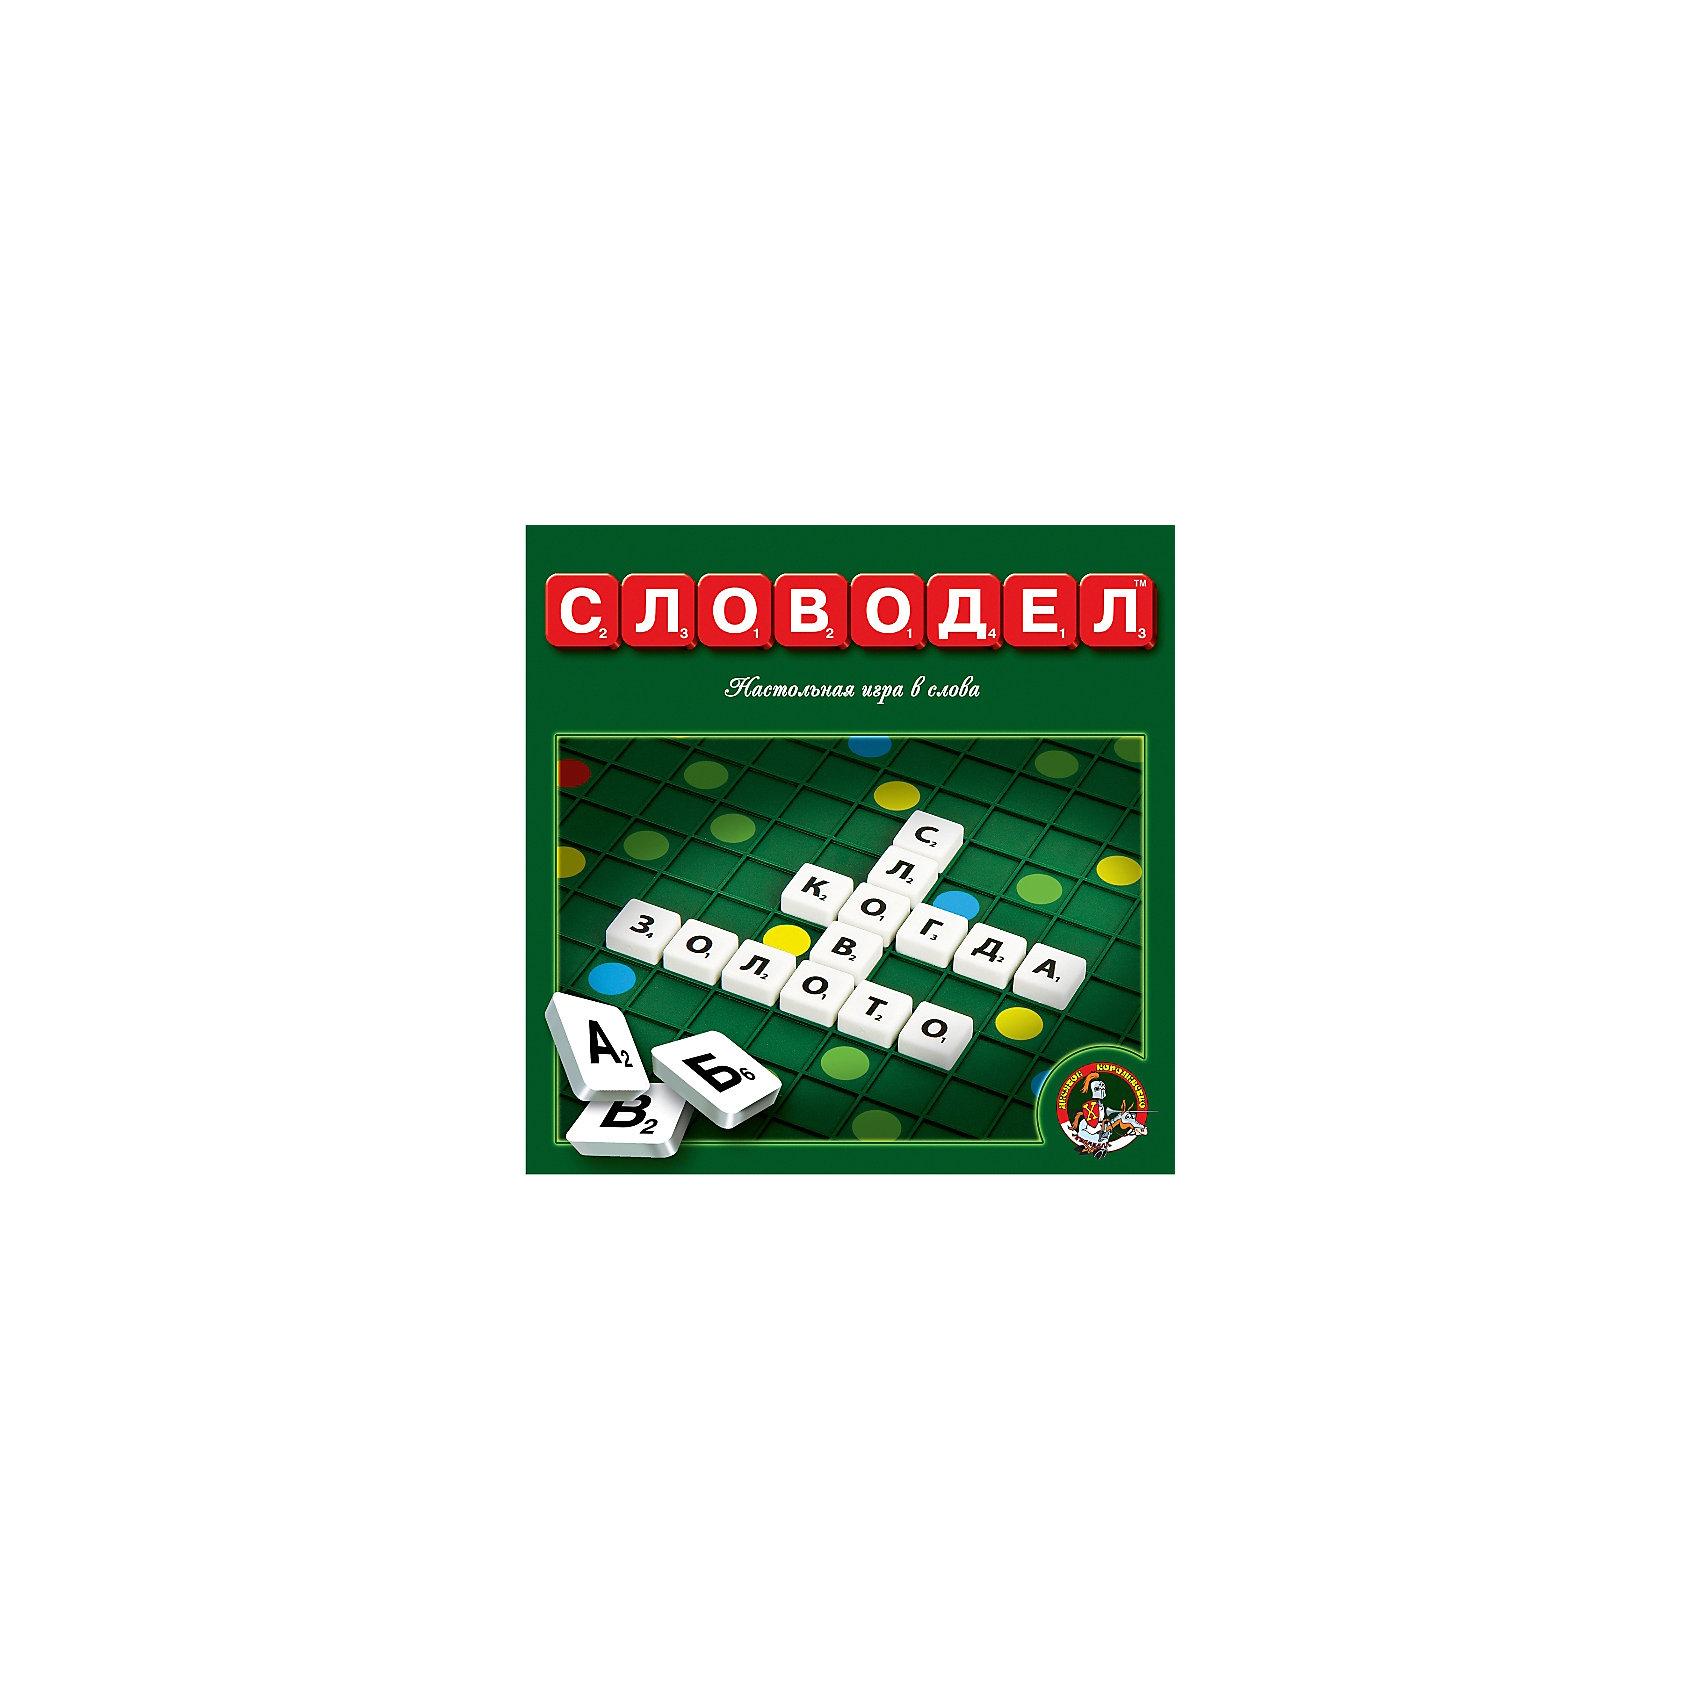 Настольная игра Словодел, Десятое королевствоНастольные игры<br>Настольная игра Словодел, Десятое королевство<br><br>Характеристики: <br><br>• Возраст: от 7 лет<br>• Материал: картон, бумага<br>• Количество участников: от 2<br>• В комплекте: игровое поле из плотного картона, фишки пластмассовые 120 штук, дополнительные фишки 10 штук<br><br>В этой игре необходимо соревноваться, подбирая как можно более длинные слова и зарабатывая на этом очки. В нее можно играть вместе с детьми и в ходе игры помочь ребенку узнать новые слова, развить словарный запас и повысить уровень грамотности. <br><br>Игрушка сделана из пластика и картона и содержит в наборе игровое поле, пластмассовые фишки в количестве 120 штук, а также 10 дополнительных фишек. Игра Словодел - это отличный способ в игровой и развлекательной форме повысить общую эрудицию вашего ребенка.<br><br>Настольная игра Словодел, Десятое королевство можно купить в нашем интернет-магазине.<br><br>Ширина мм: 240<br>Глубина мм: 240<br>Высота мм: 25<br>Вес г: 448<br>Возраст от месяцев: 36<br>Возраст до месяцев: 60<br>Пол: Унисекс<br>Возраст: Детский<br>SKU: 5473749